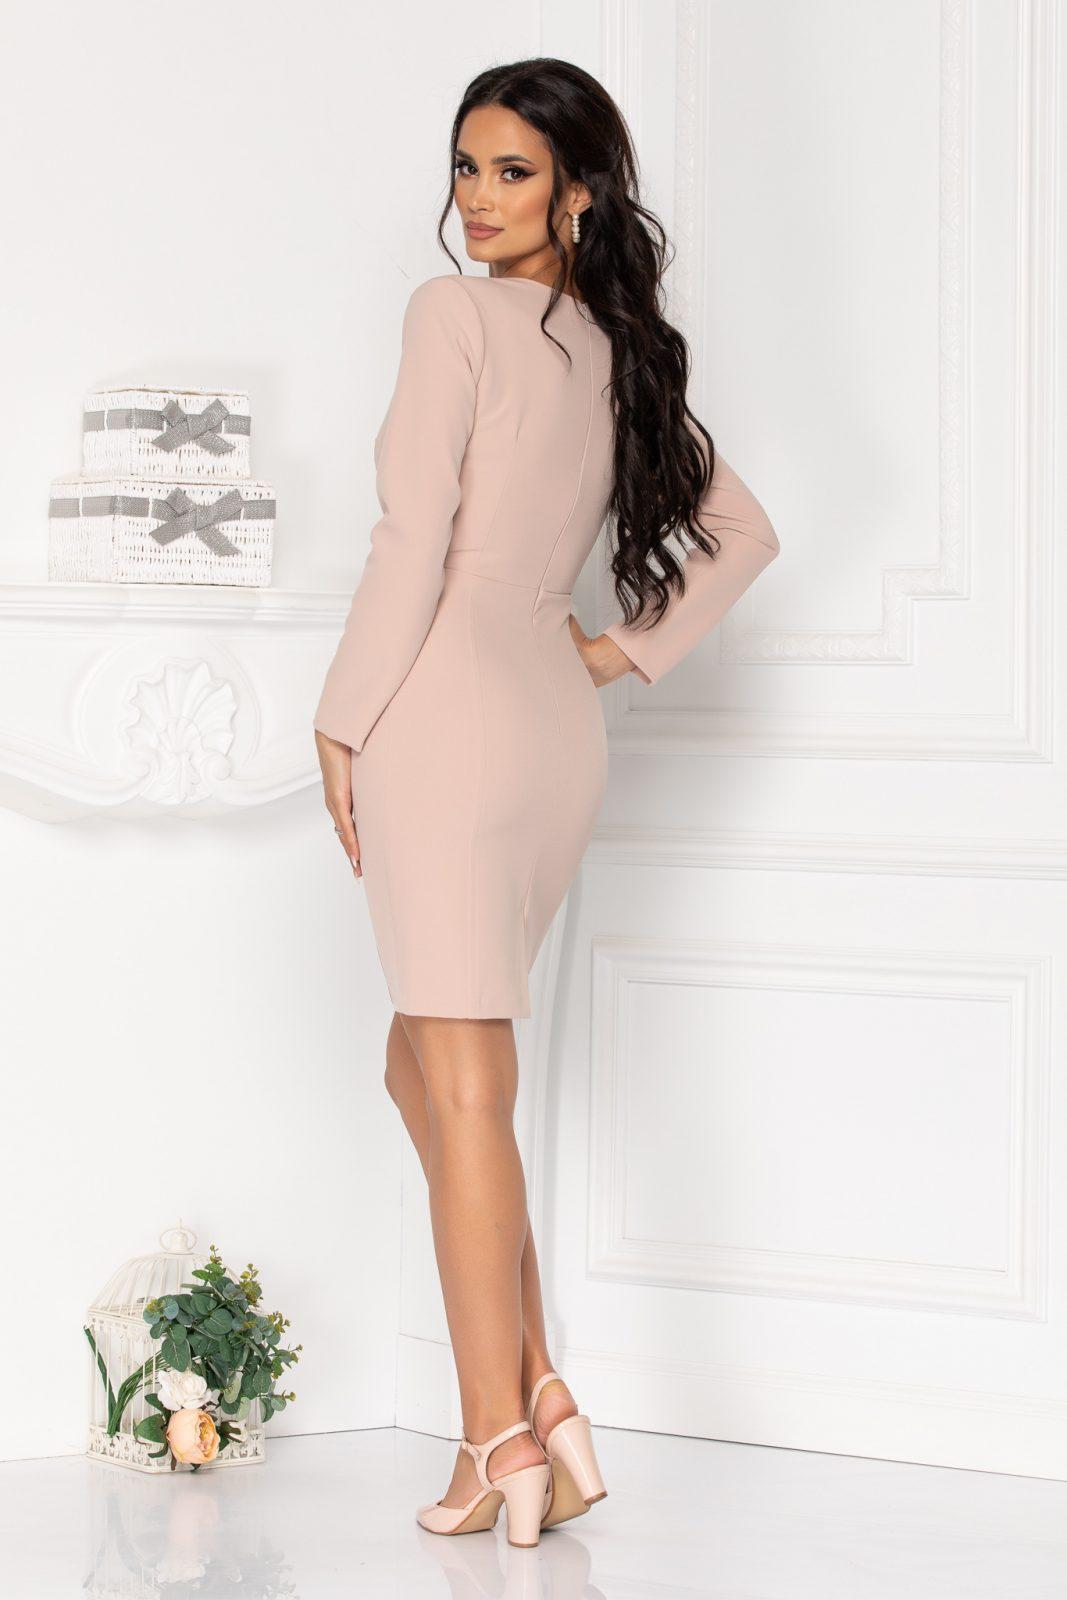 Μακρυμάνικο Nude Φόρεμα Moze Khalisha 8503 1